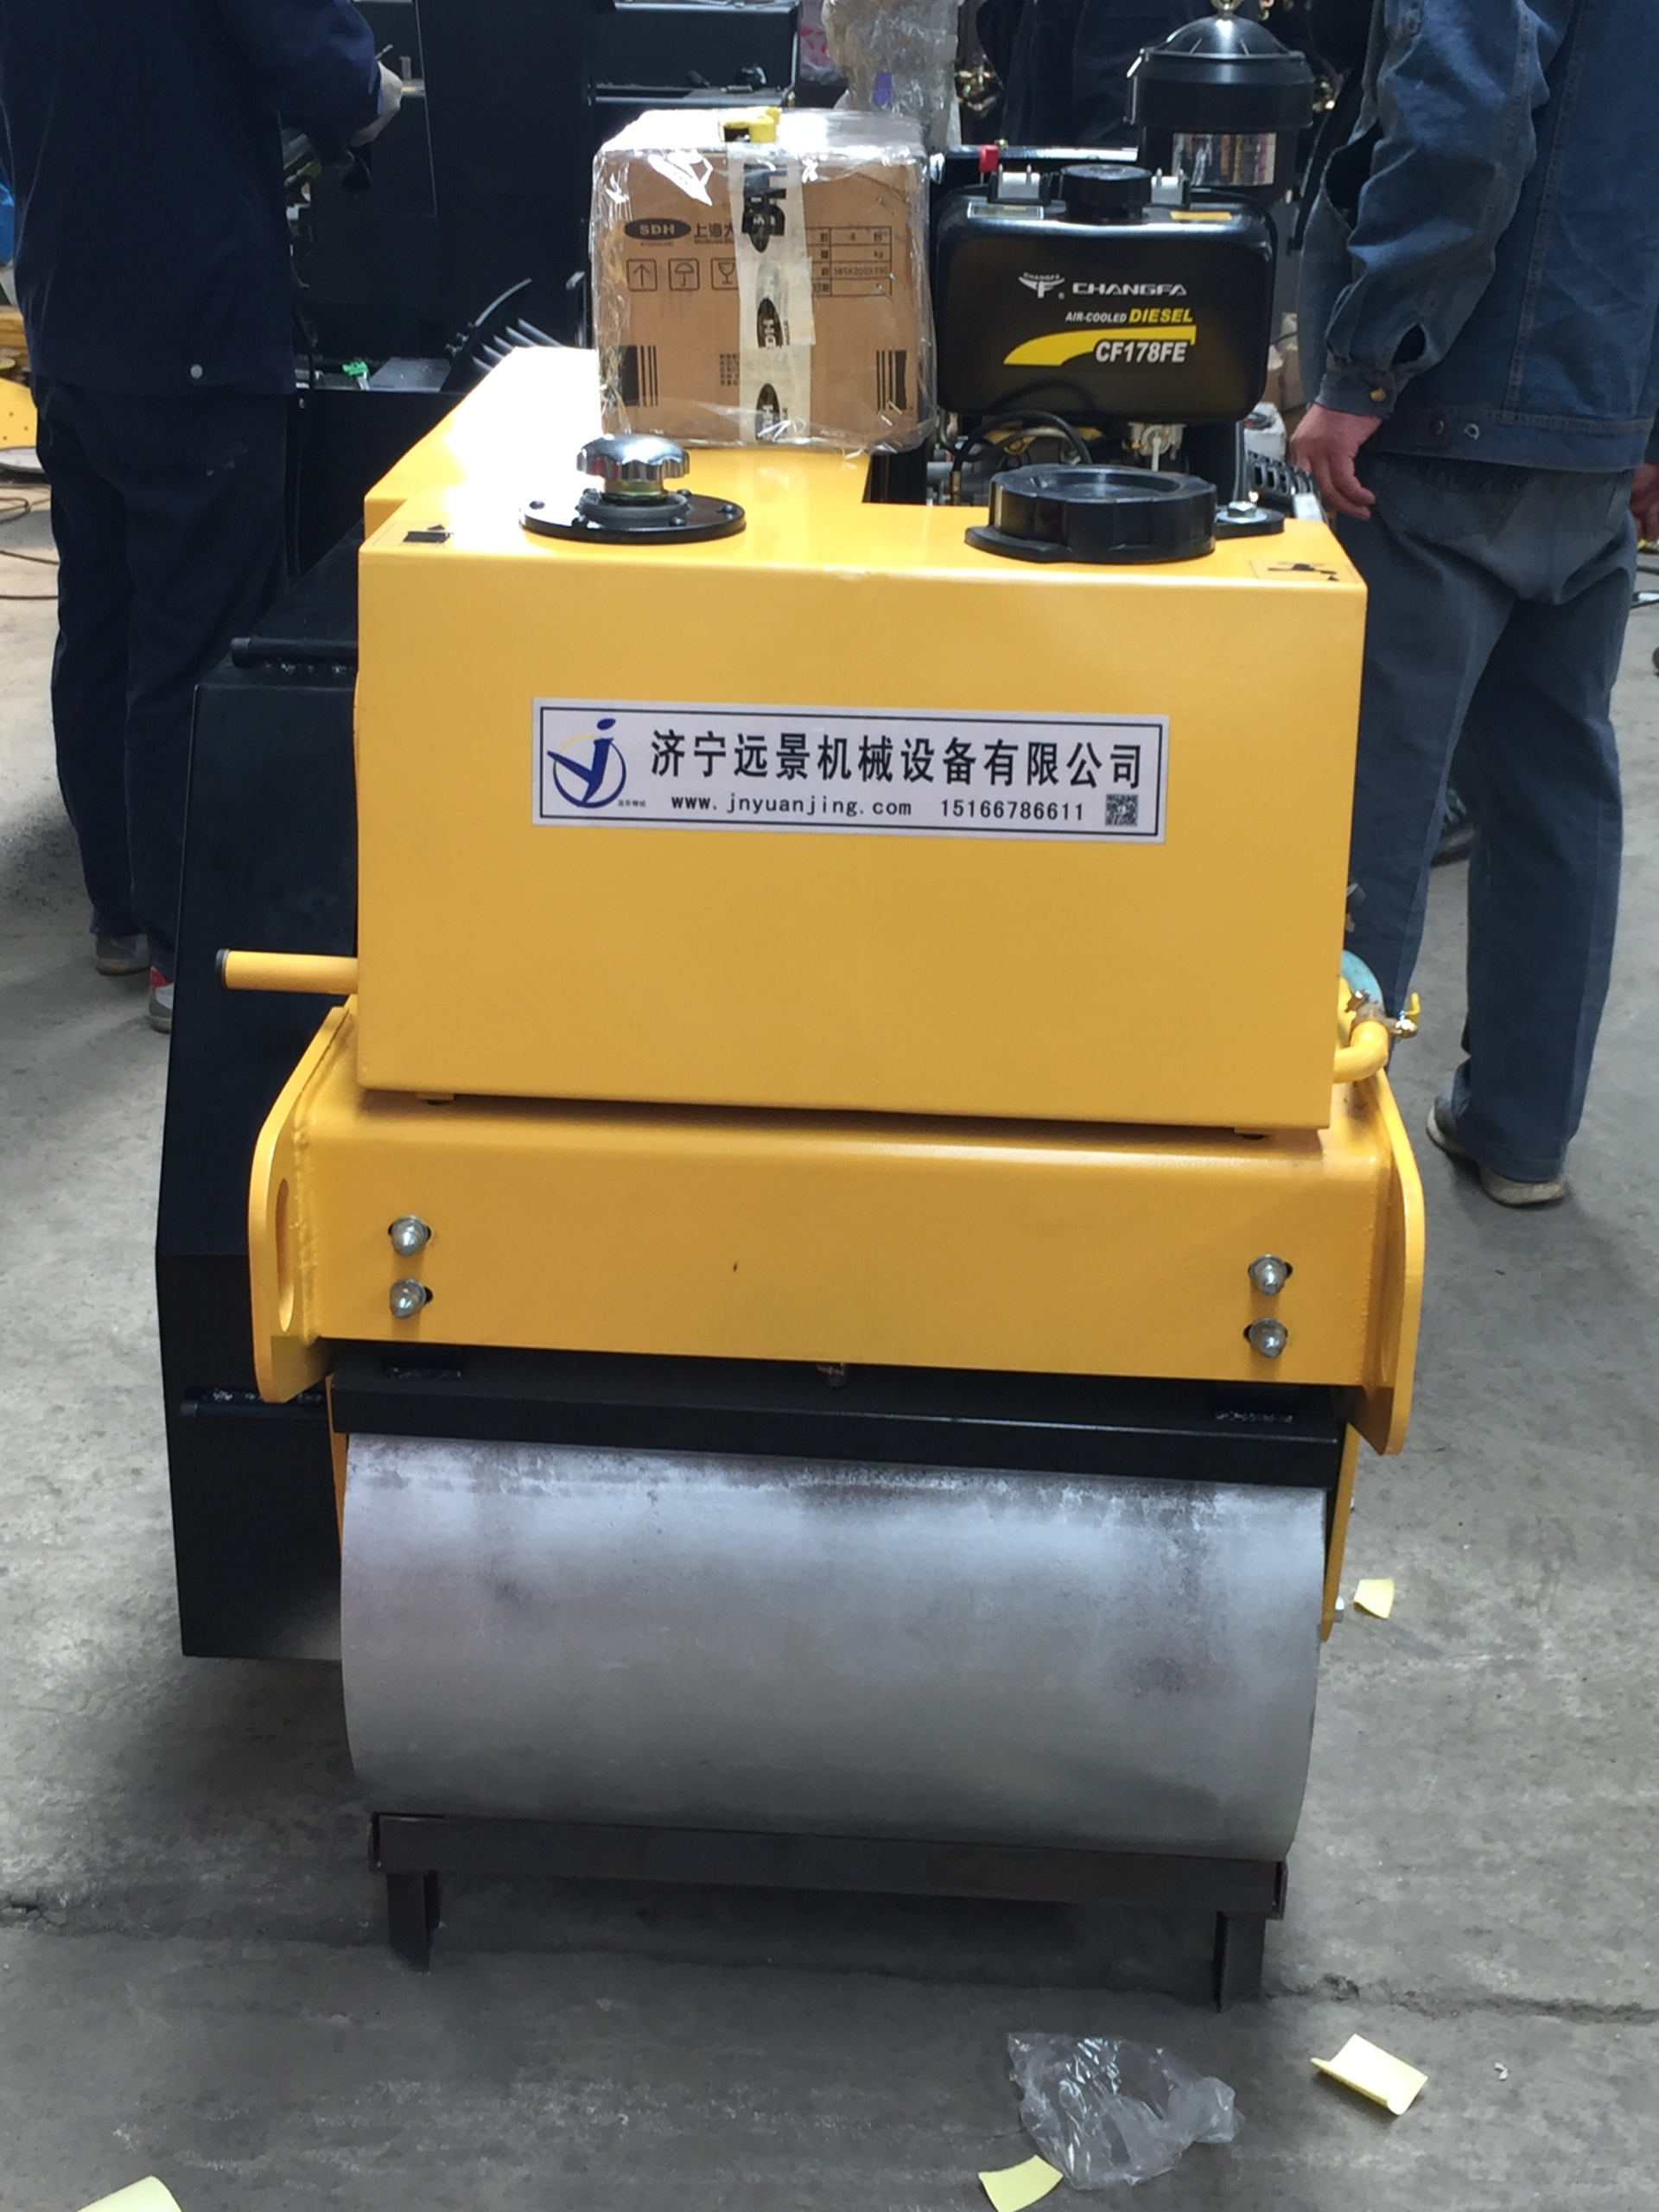 远景机械热销重型单轮压路机 加重款YJ730柴油压路机 手扶式压路机 小型压路机示例图11